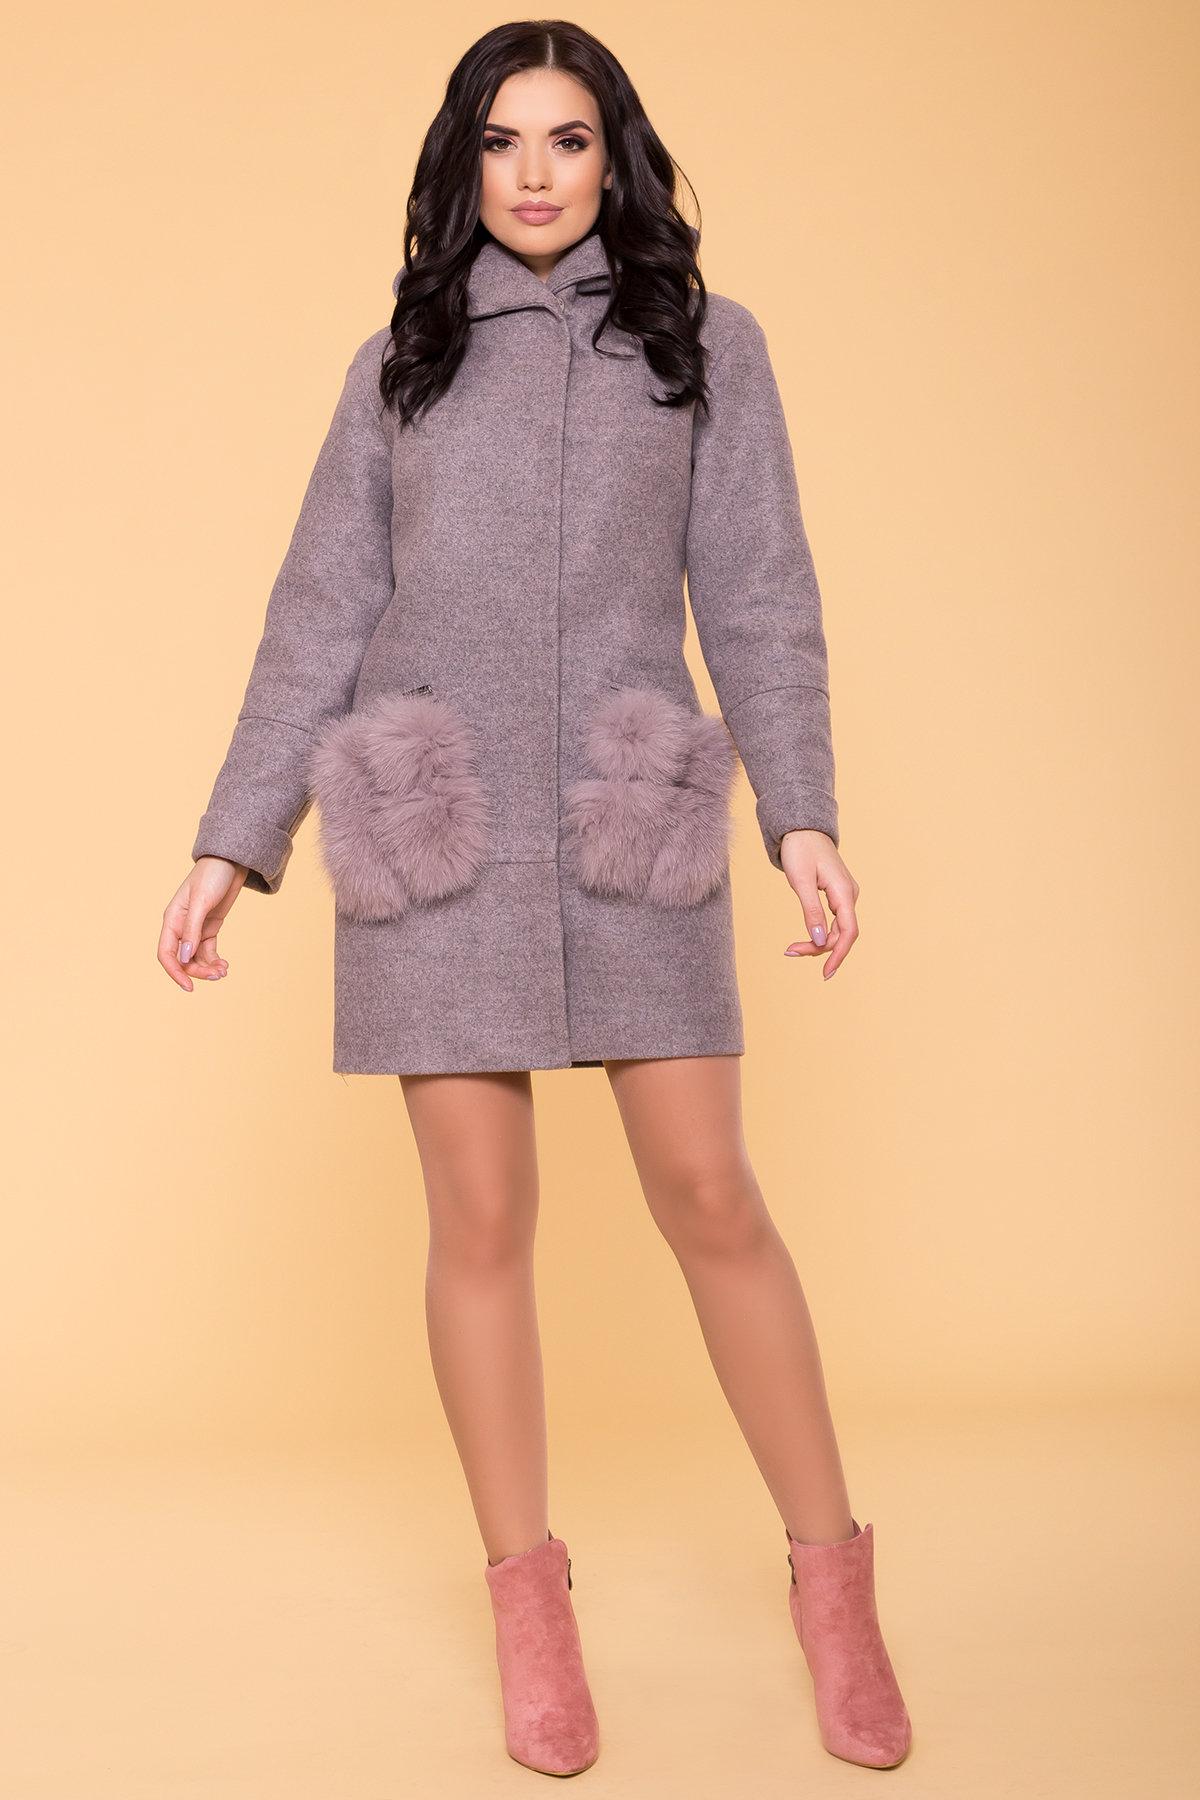 Зимнее пальто с меховыми карманами Анита 3820 АРТ. 40745 Цвет: Серо-розовый 19 - фото 4, интернет магазин tm-modus.ru